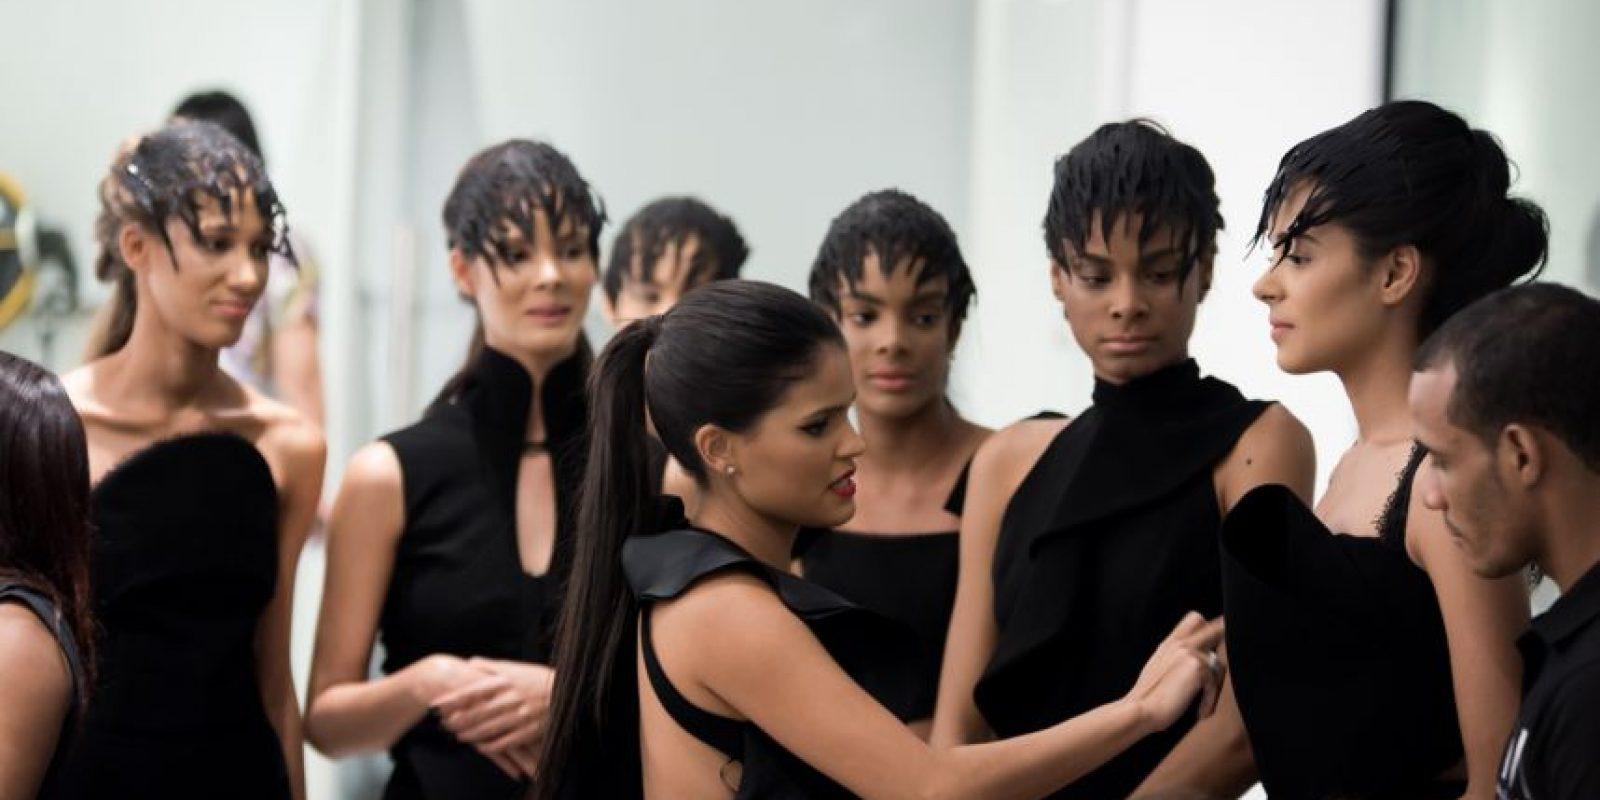 Maylé Vásquez dando los toques finales a sus modelos antes de la presentación de En Ligne. Foto:Maeno & co